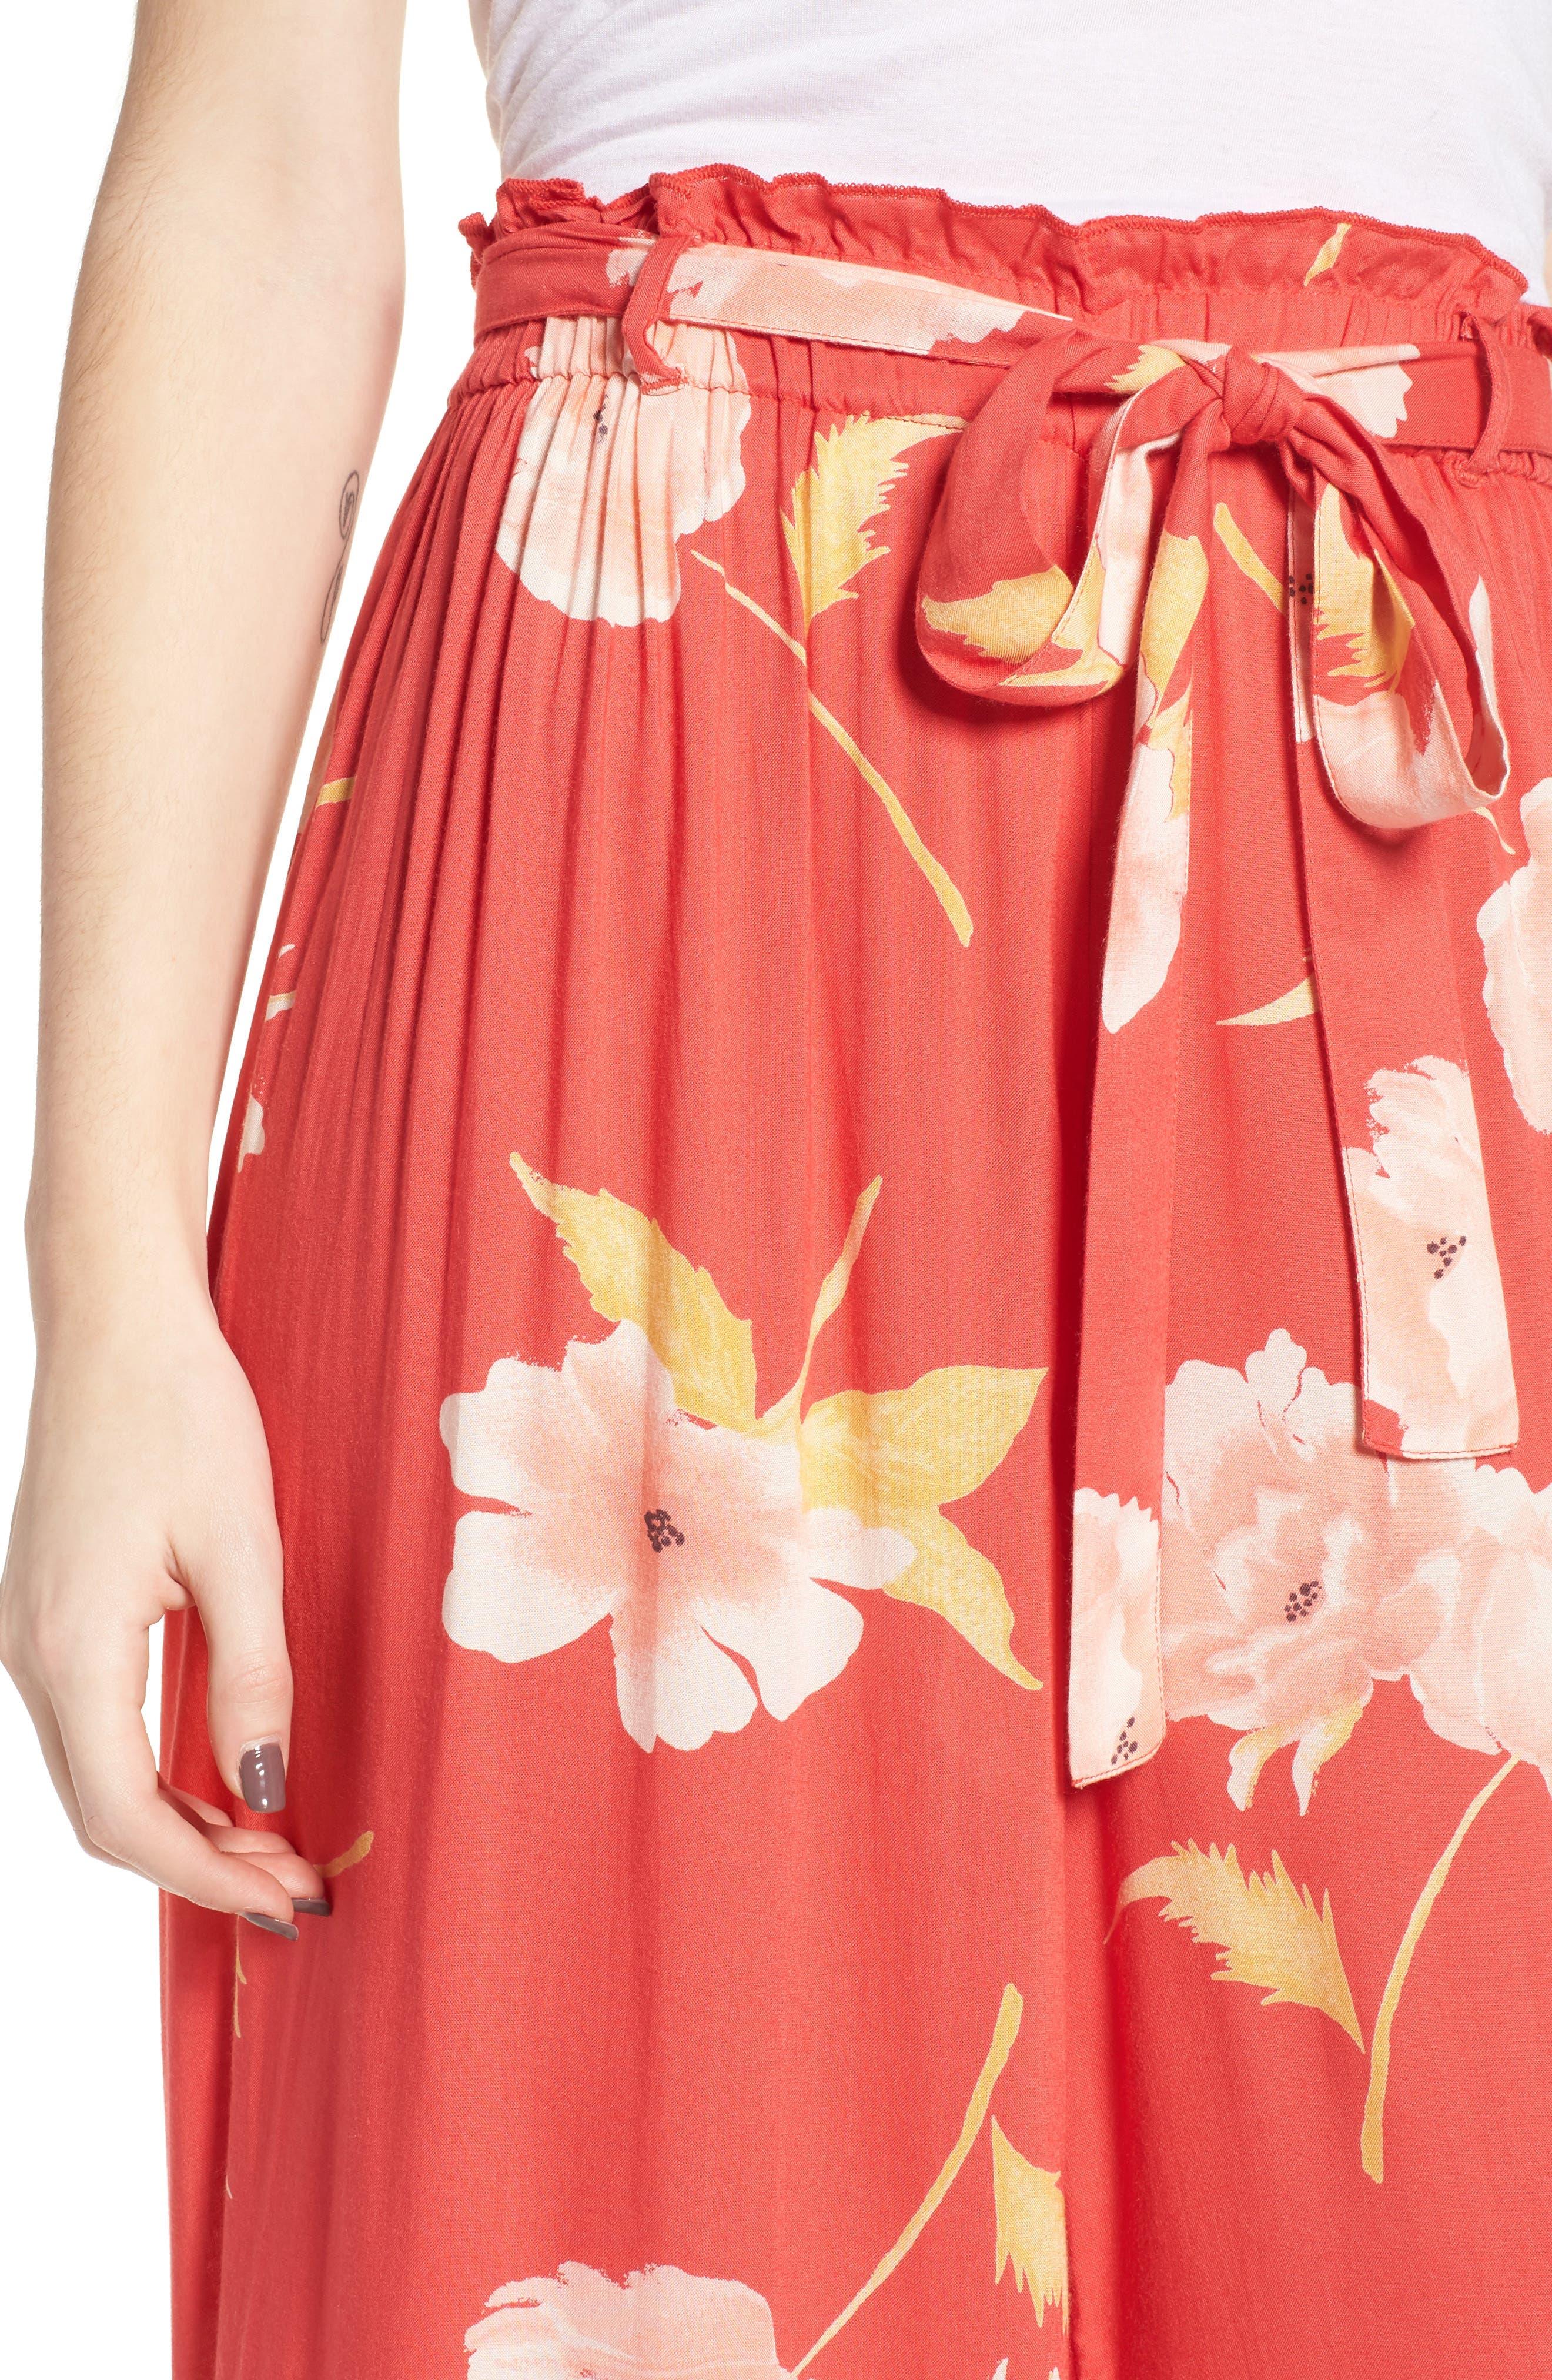 Happy Dance Floral Wide Leg Pants,                             Alternate thumbnail 4, color,                             Ger-Geranium